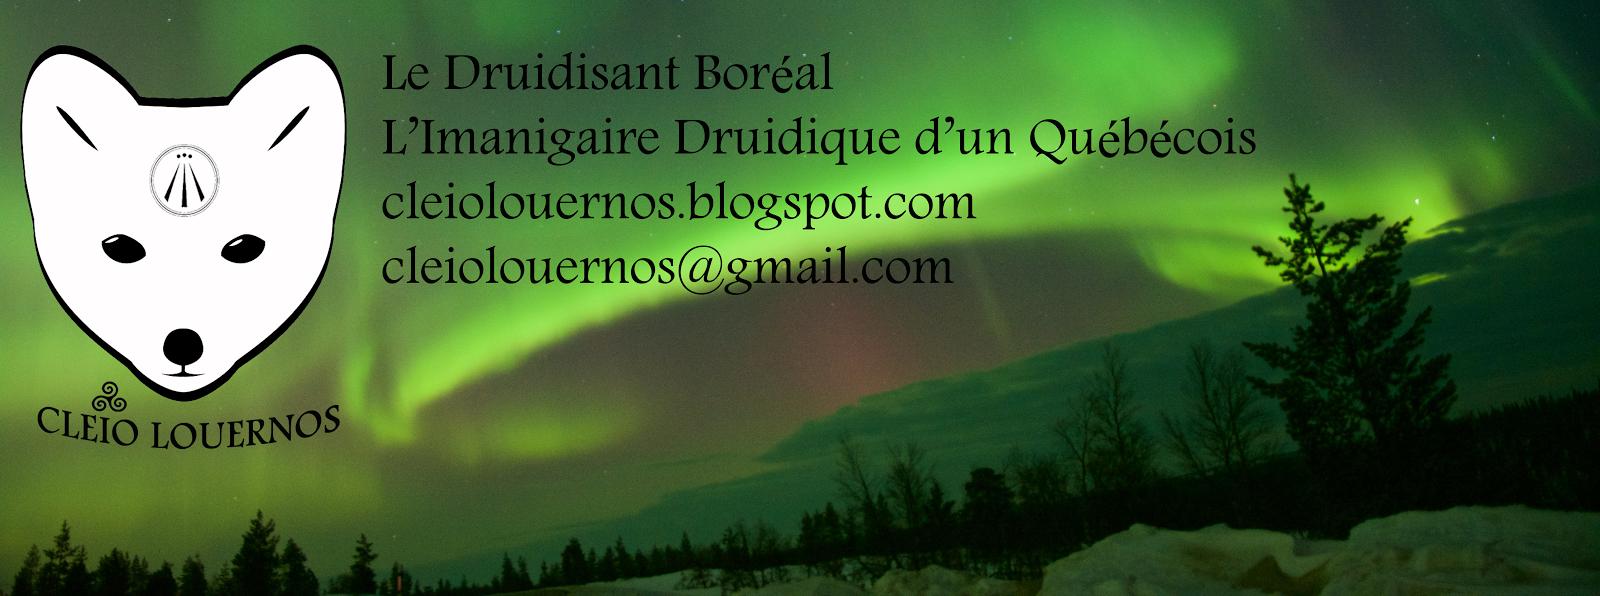 L'Imaginaire Druidique d'un Québécois